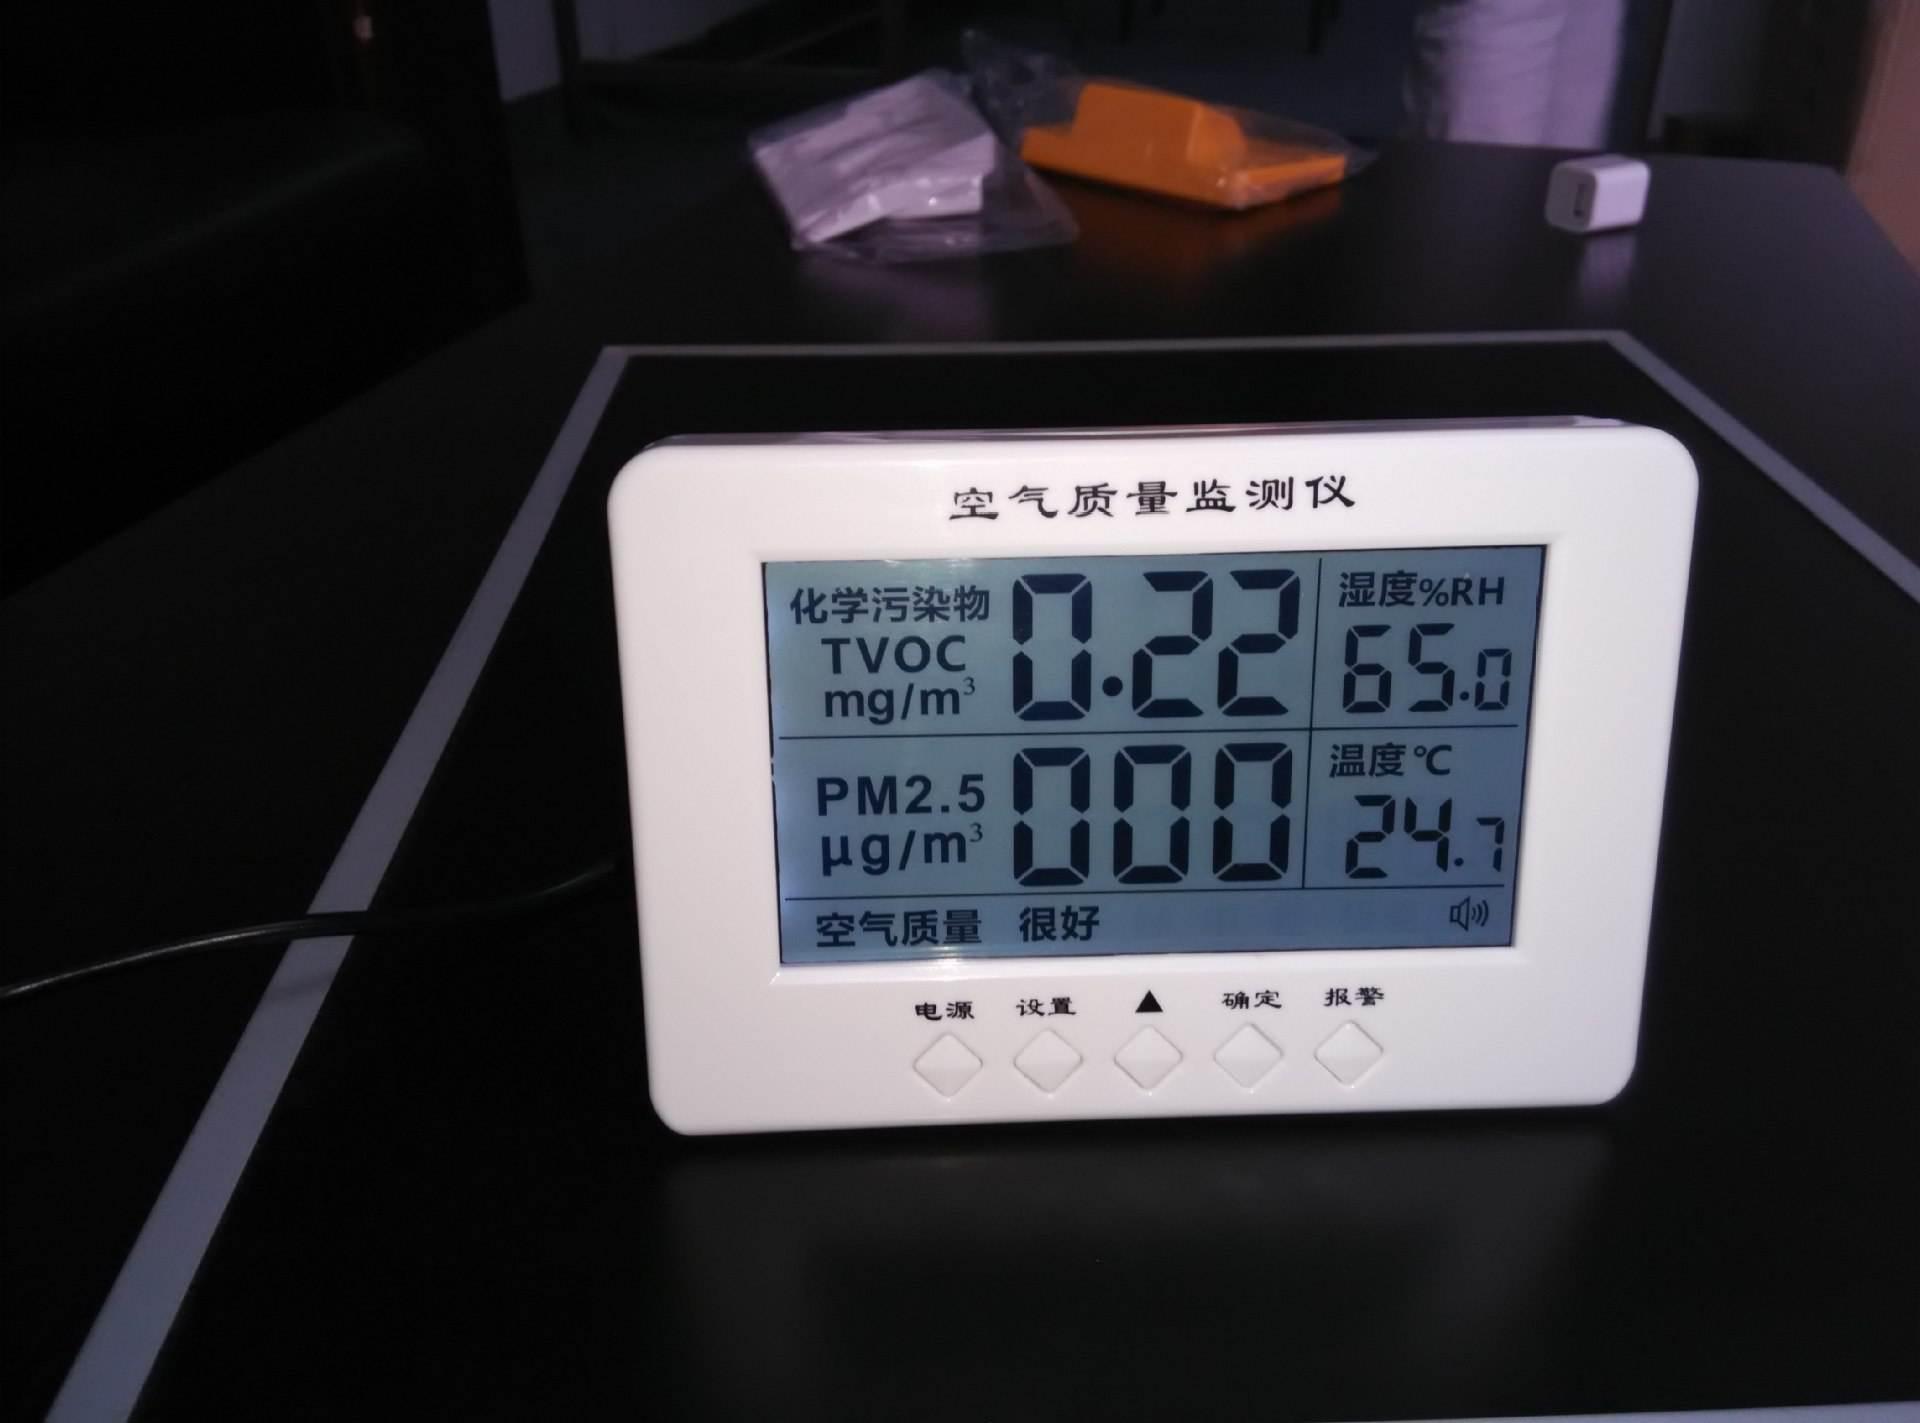 空气质量传感器模块帮助提升环境空气质量